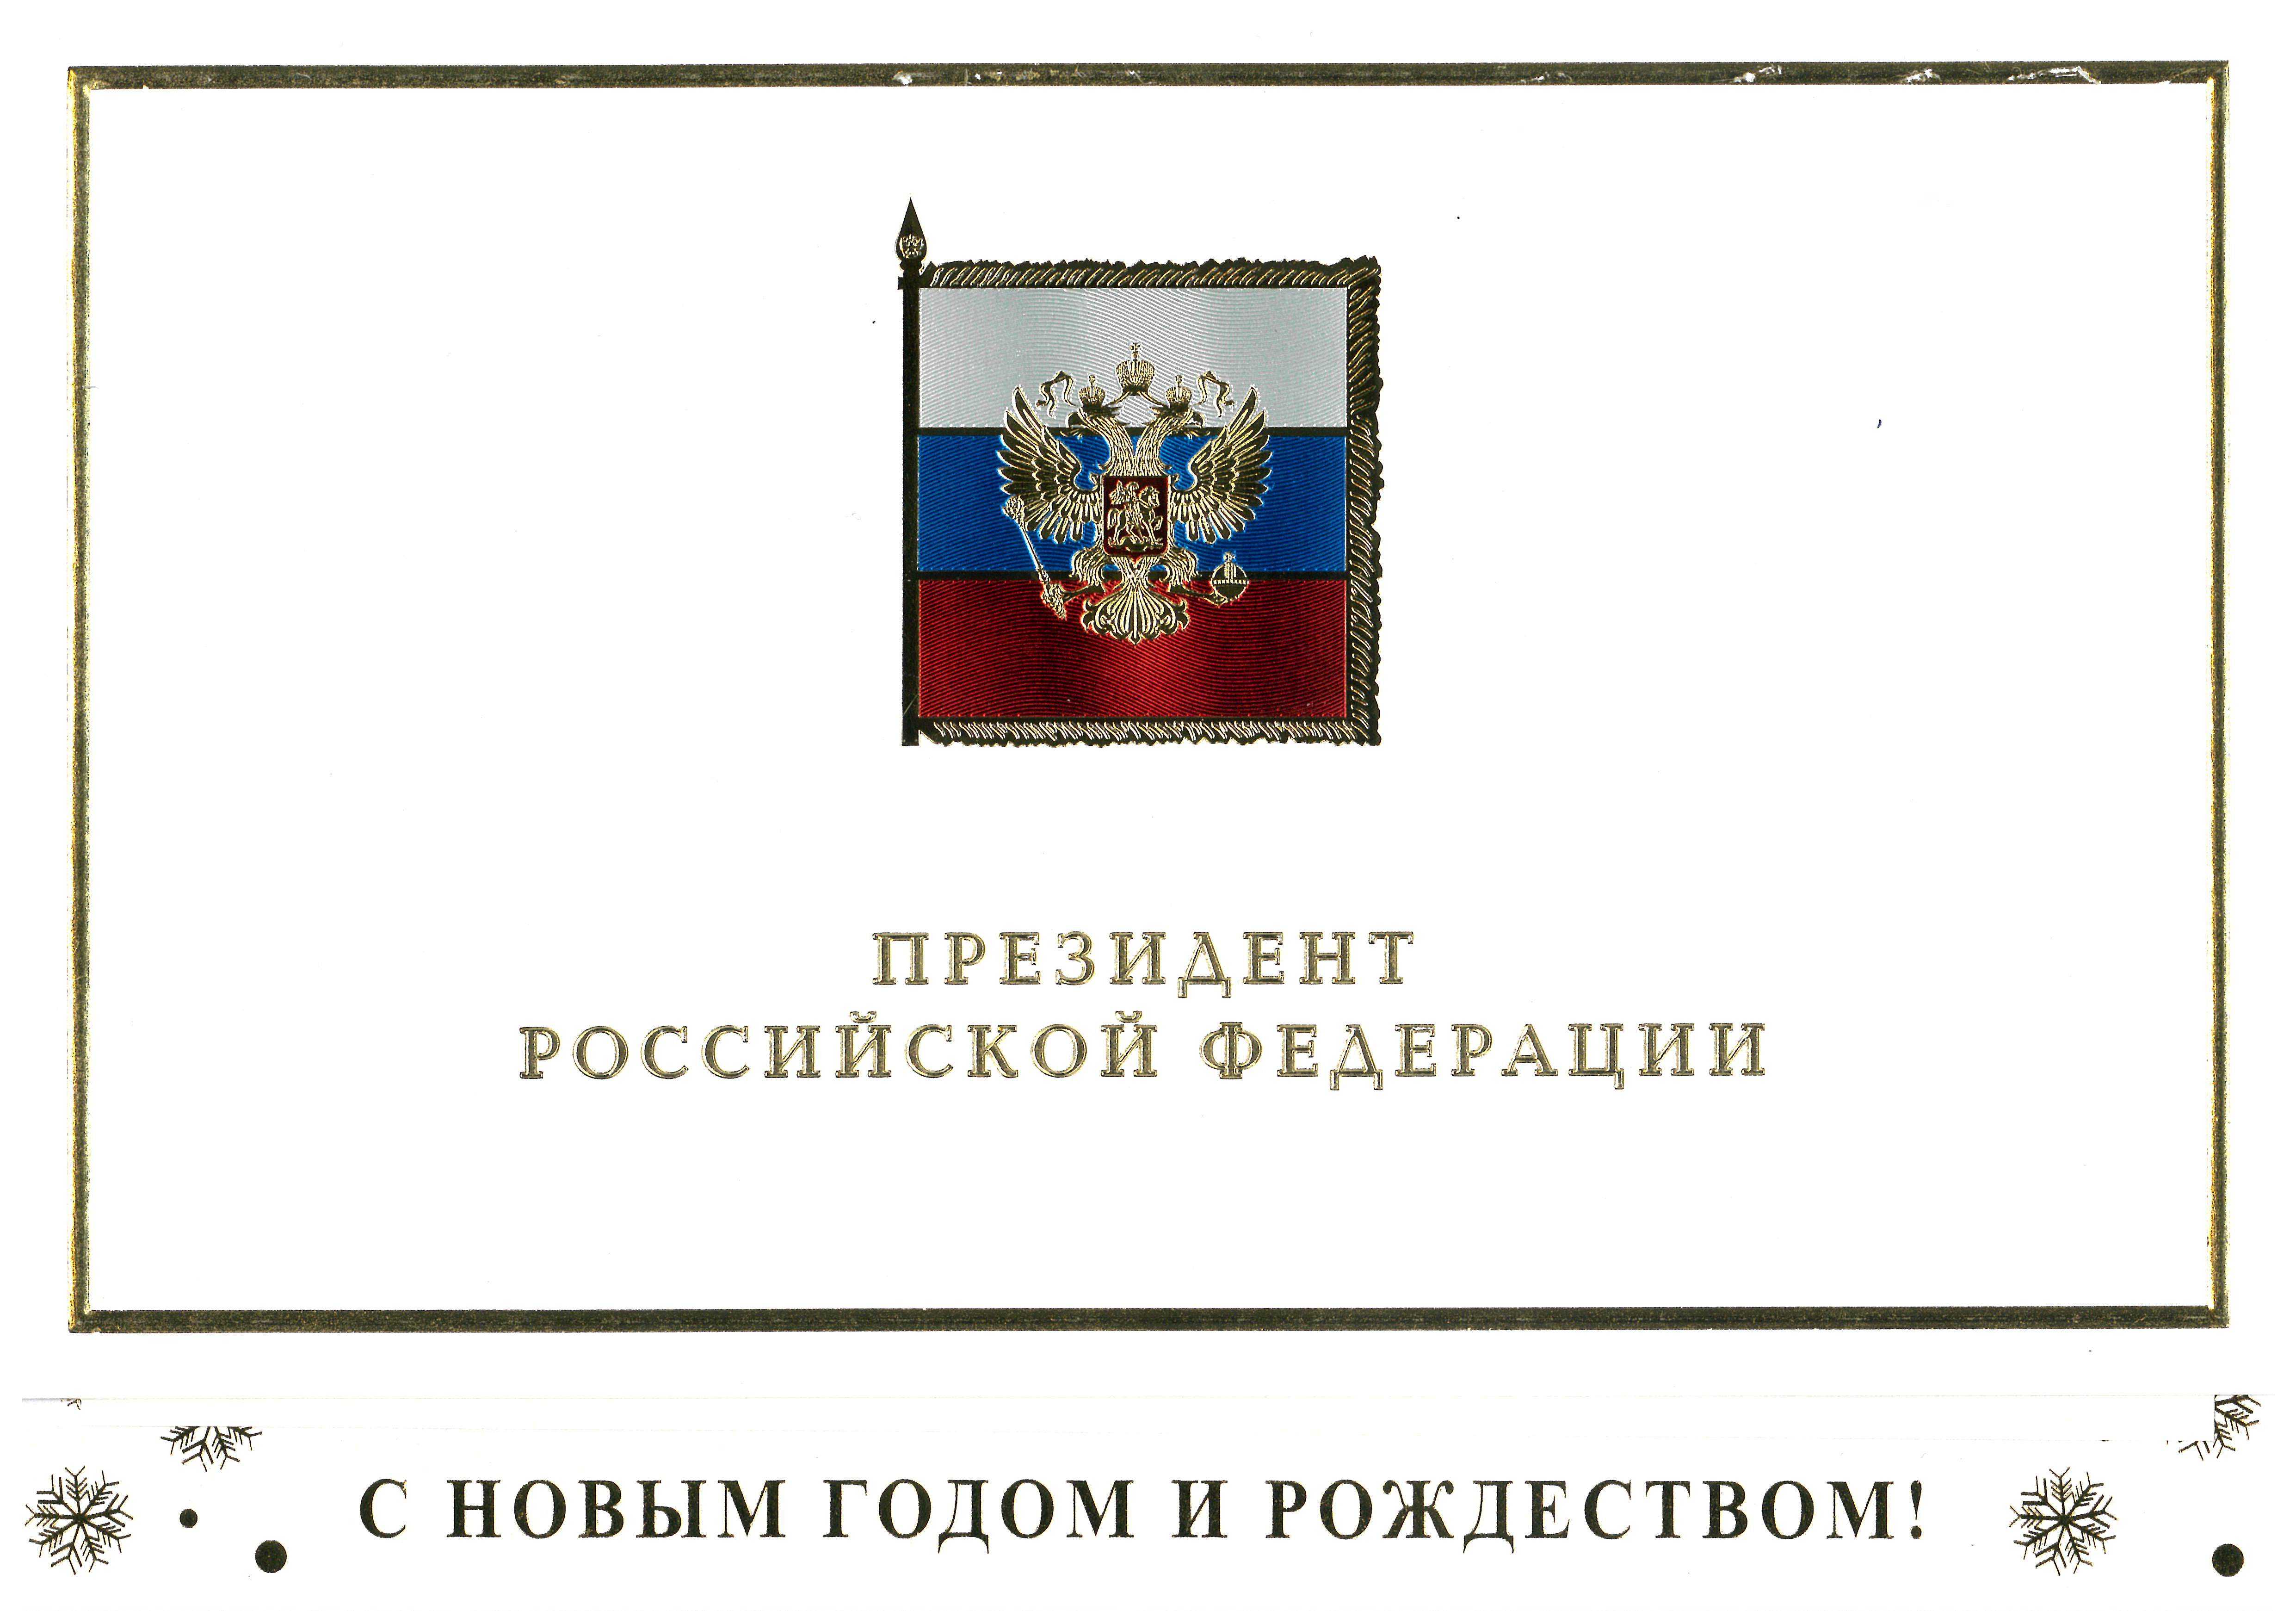 Поздравление от Владимира Путина: «Эти праздники мы ждем с особыми чувствами…»